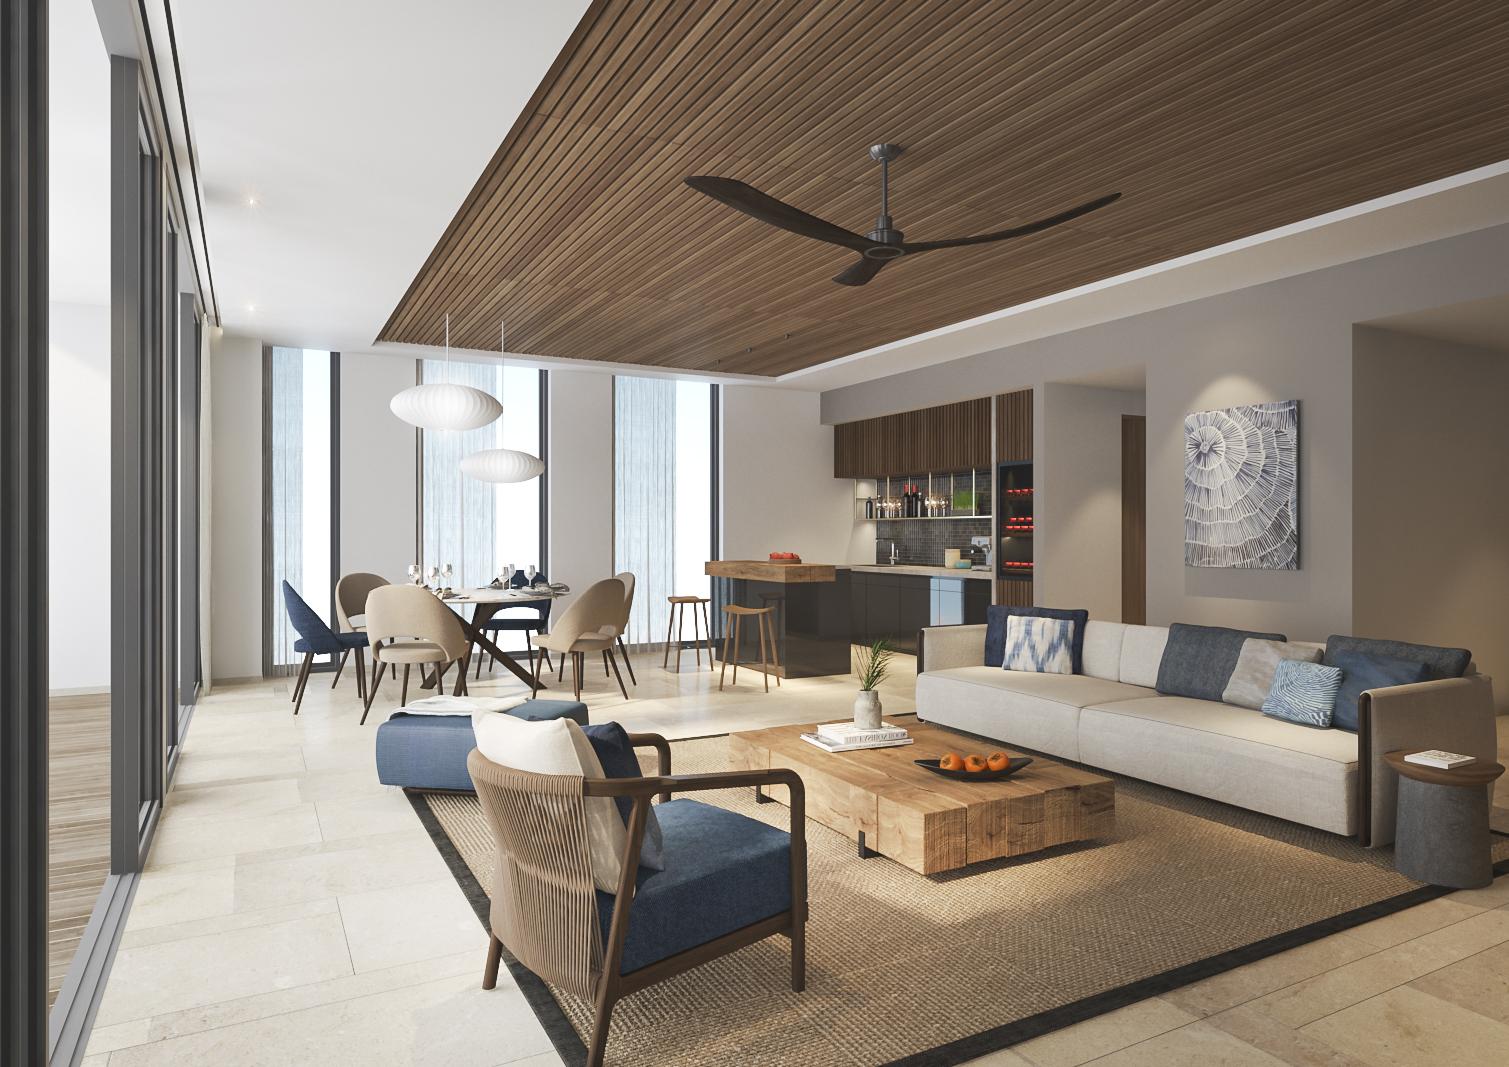 Phòng Signature: với thiết kế hiện đại được đặt tại các tầng cao trước biển, được trang bị cả bồn tắm đứng và nằm tạo sự thoải mái và thuận tiện bậc nhất - Ảnh: ANYA Premier Hotel